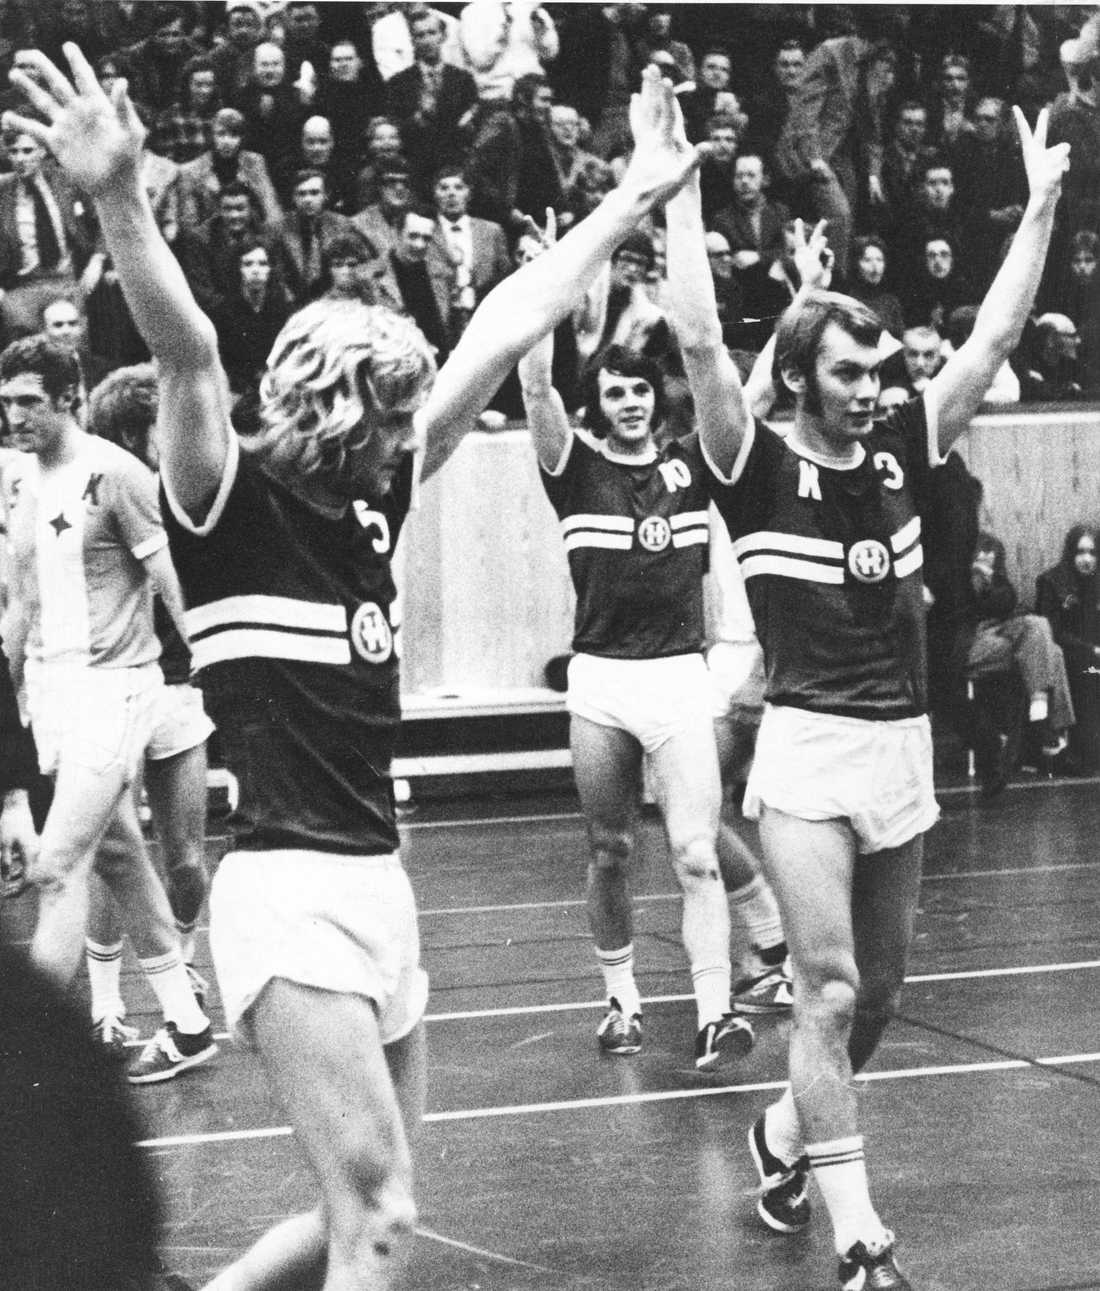 """SM-slutspel, Kristianstad-Hellas, match action. fr.v. Kurt-Göran Kjell """"Kutte"""", Sven Ekbom och lagkaptenen Dan Eriksson, handbollsspelare Sverige Hellas, som jublar efter segern."""